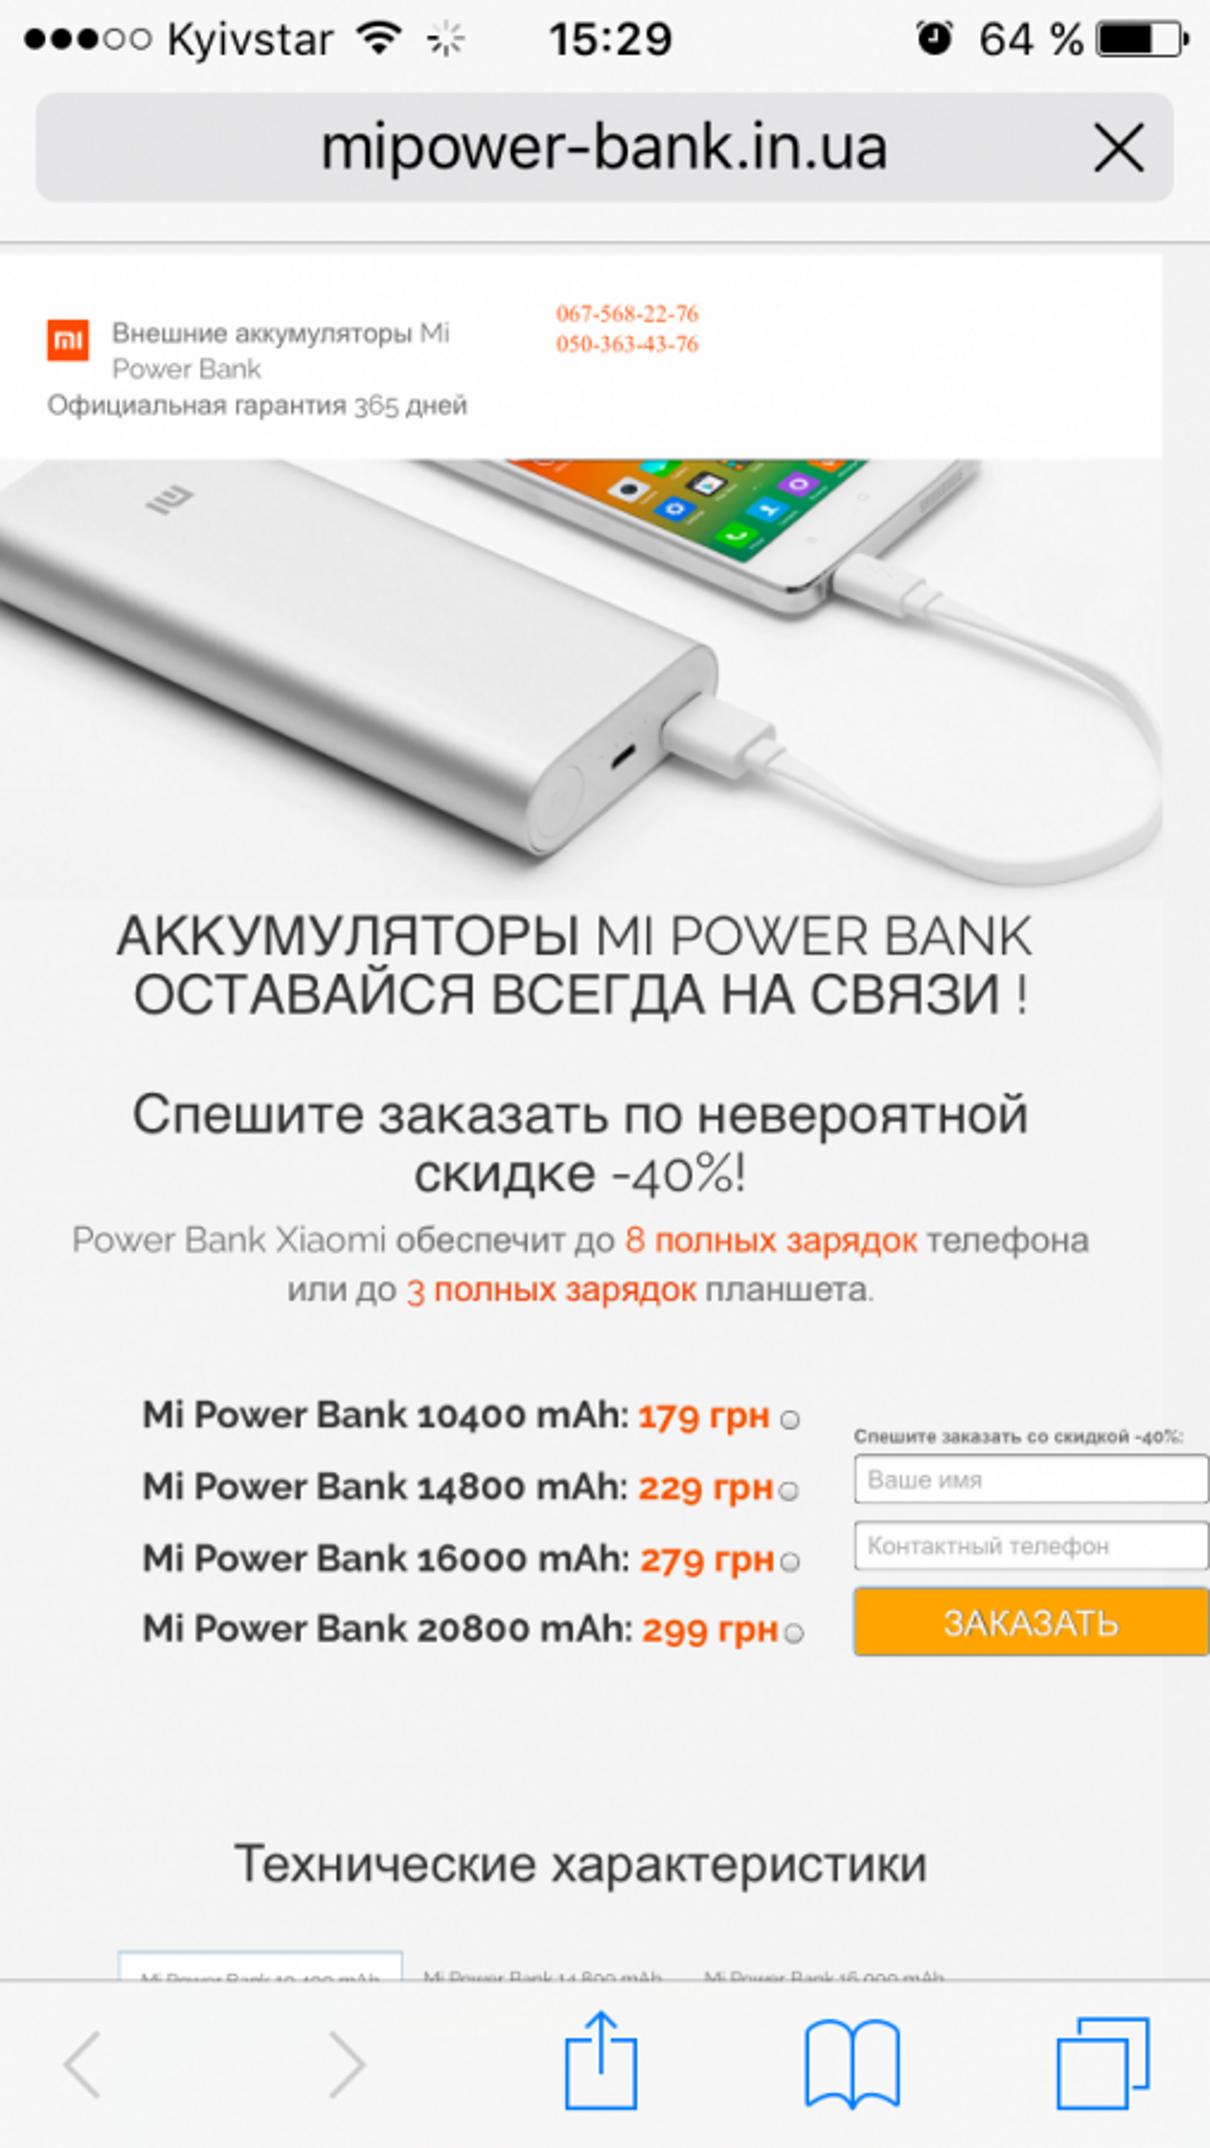 Жалоба-отзыв: Интернет -магазин powerbank-mi.com.ua, banan.online, mipower-bank.in.ua - Портативные зарядные устройства.  Фото №1